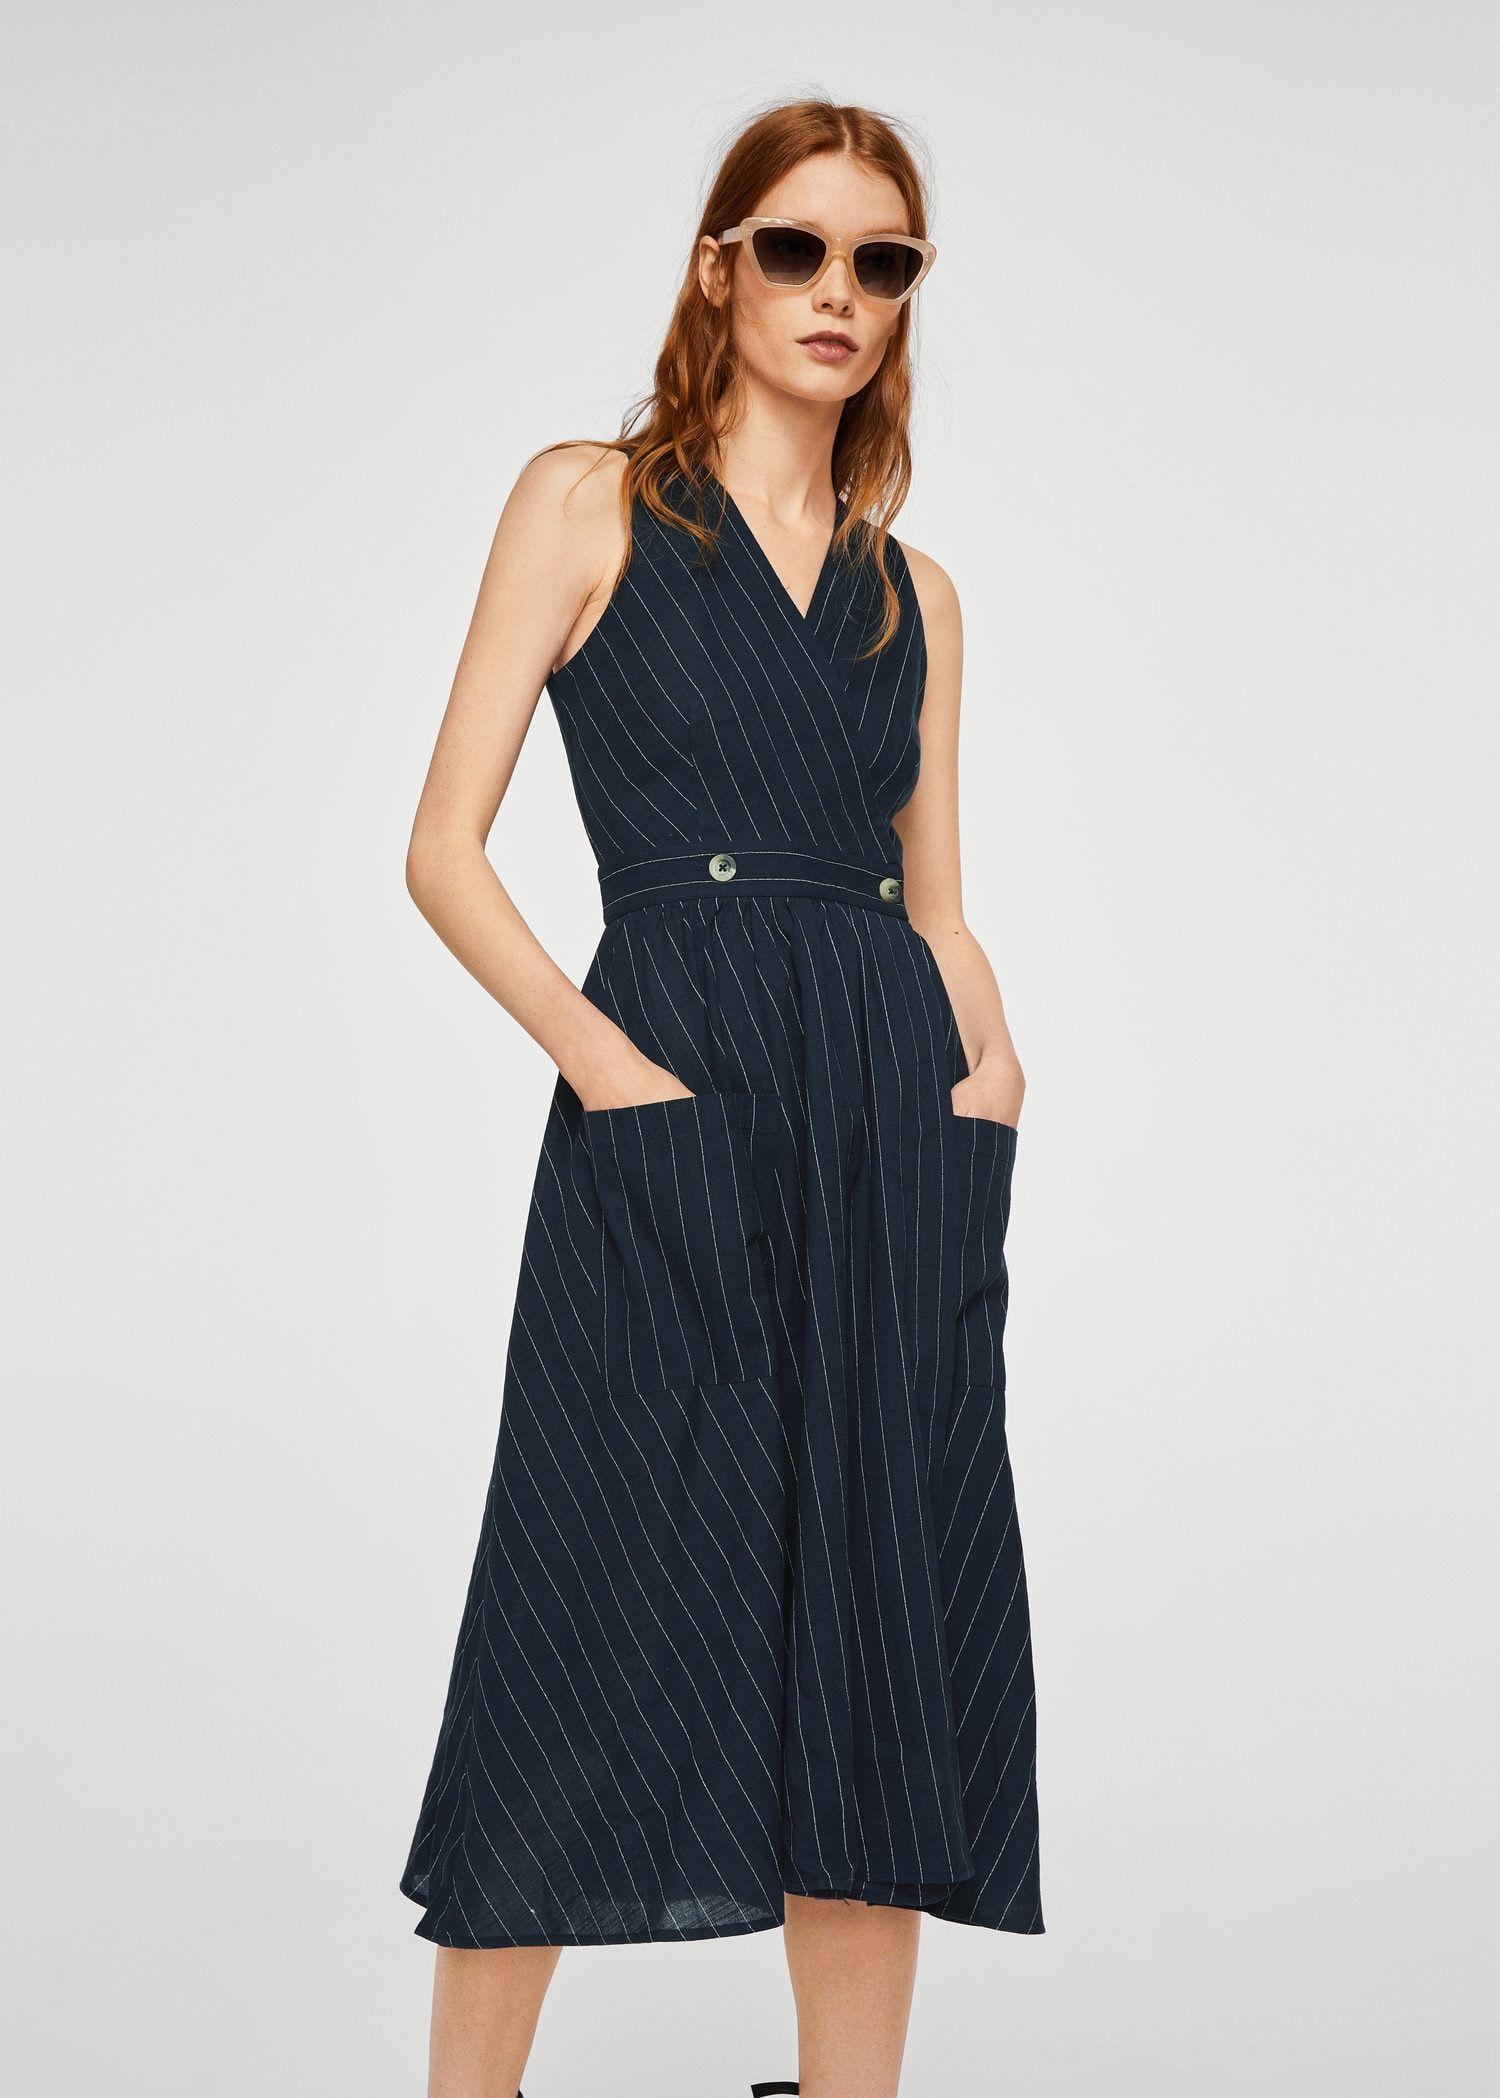 Striped cotton dress Women | Cotton dresses, Dresses